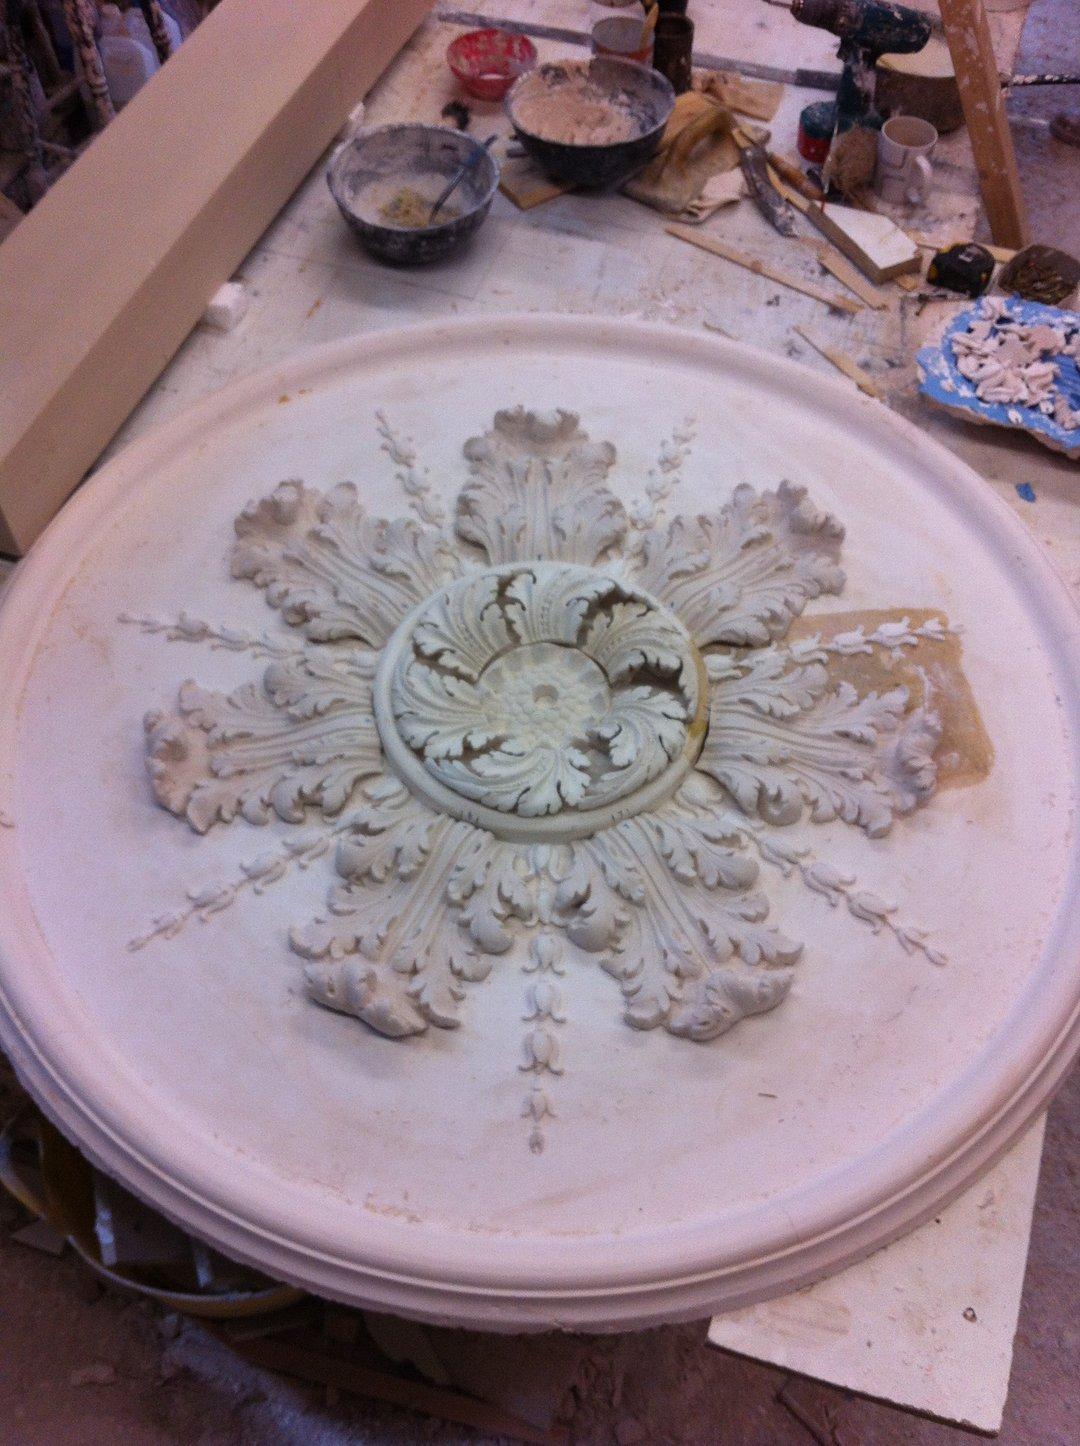 Excellent plaster moulding